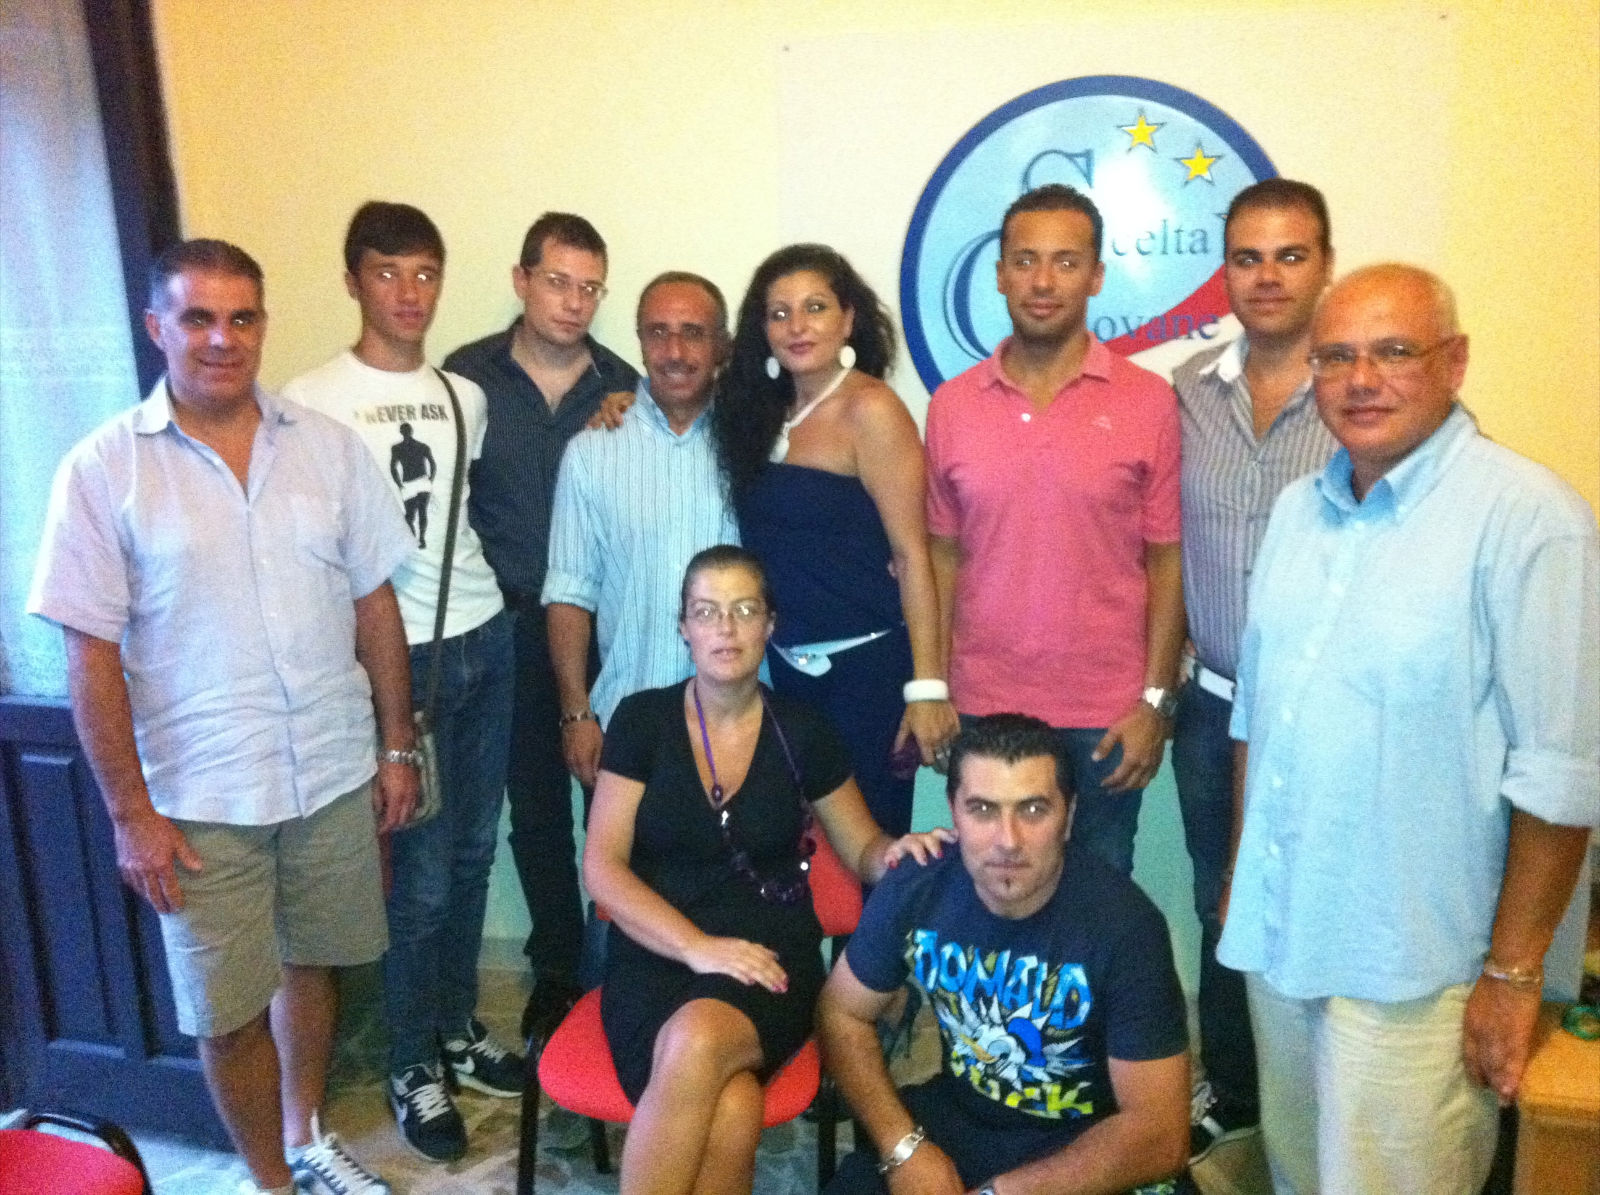 Catania|  RACCOLTA DIFFERENZIATA: SCELTA GIOVANE INCONTRA L'ASSESSORE ALL'ECOLOGIA E AVVIA UNA PETIZIONE POPOLARE